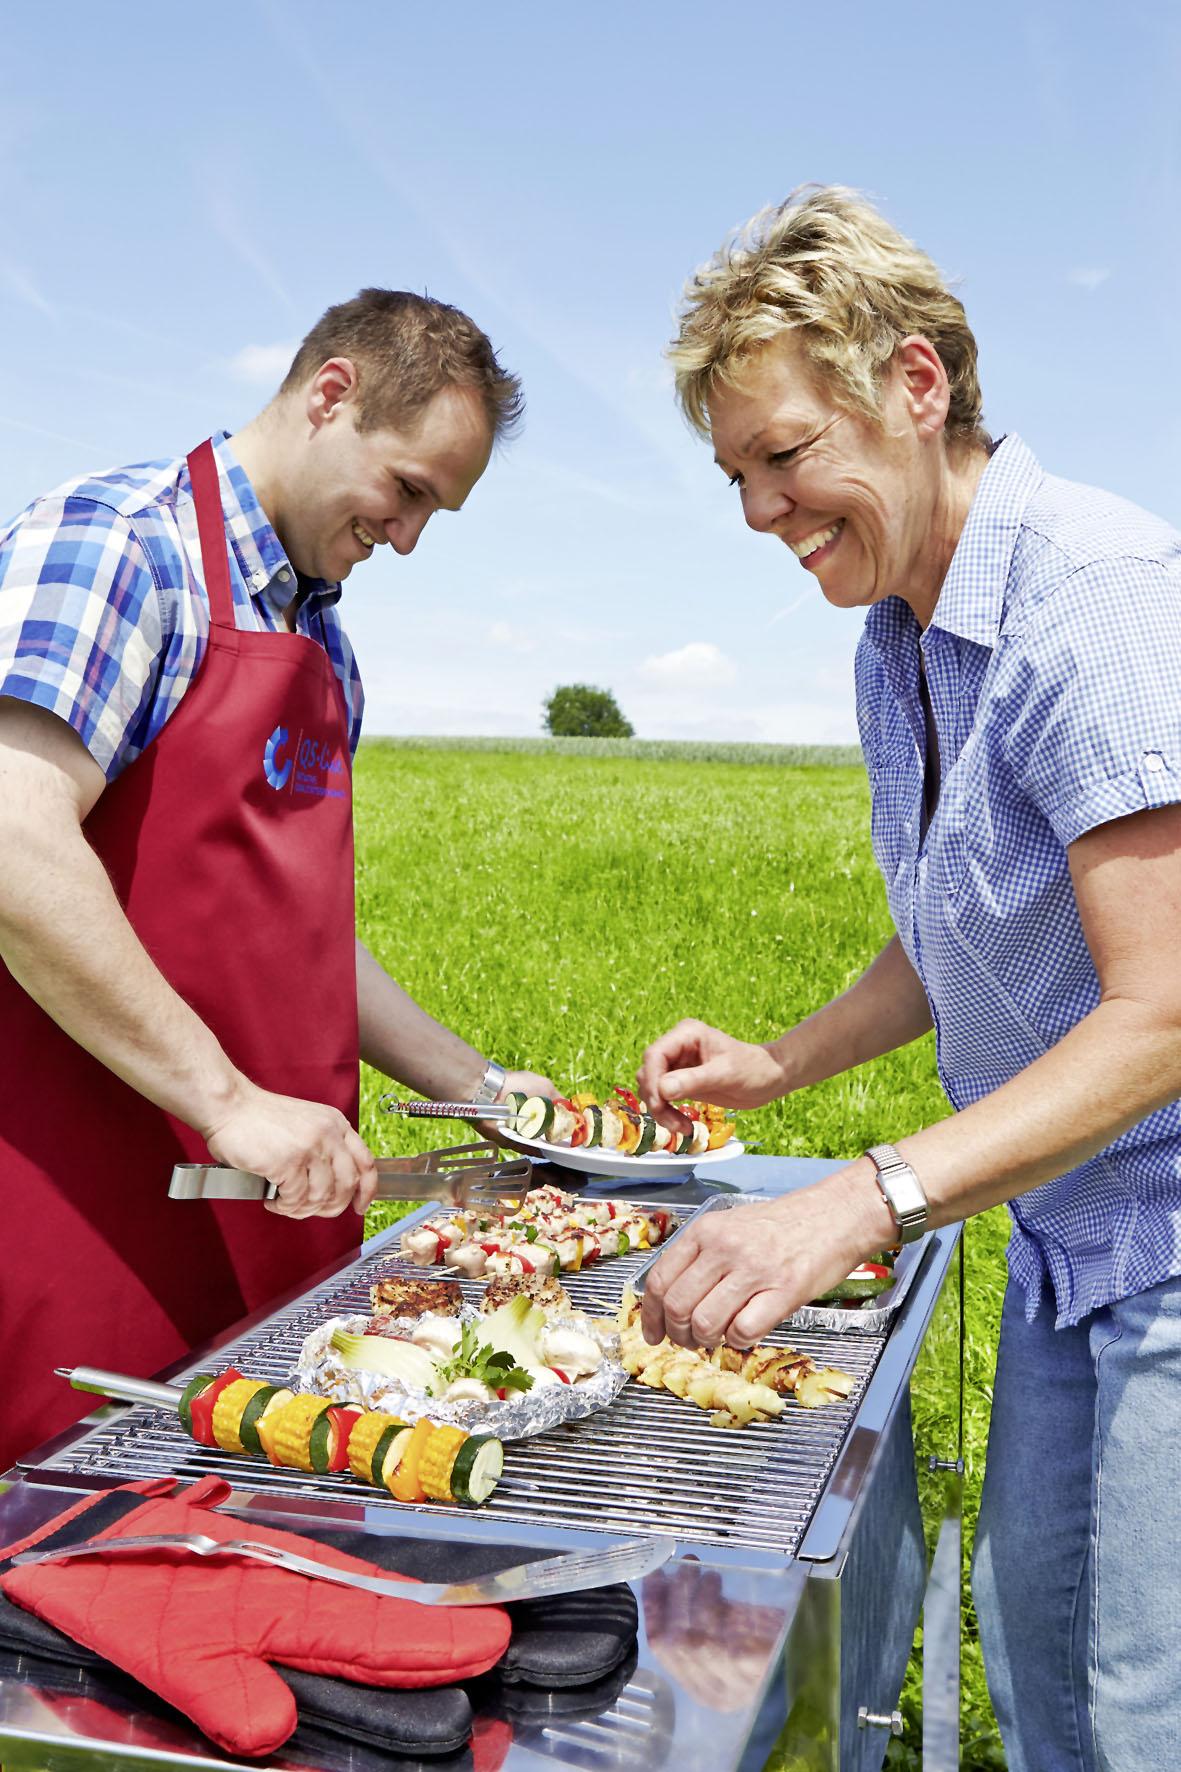 Bei einer Gartenparty kommt es auf gute Vorbereitung an, damit alle Speisen frisch und lecker auf den Tisch kommen.